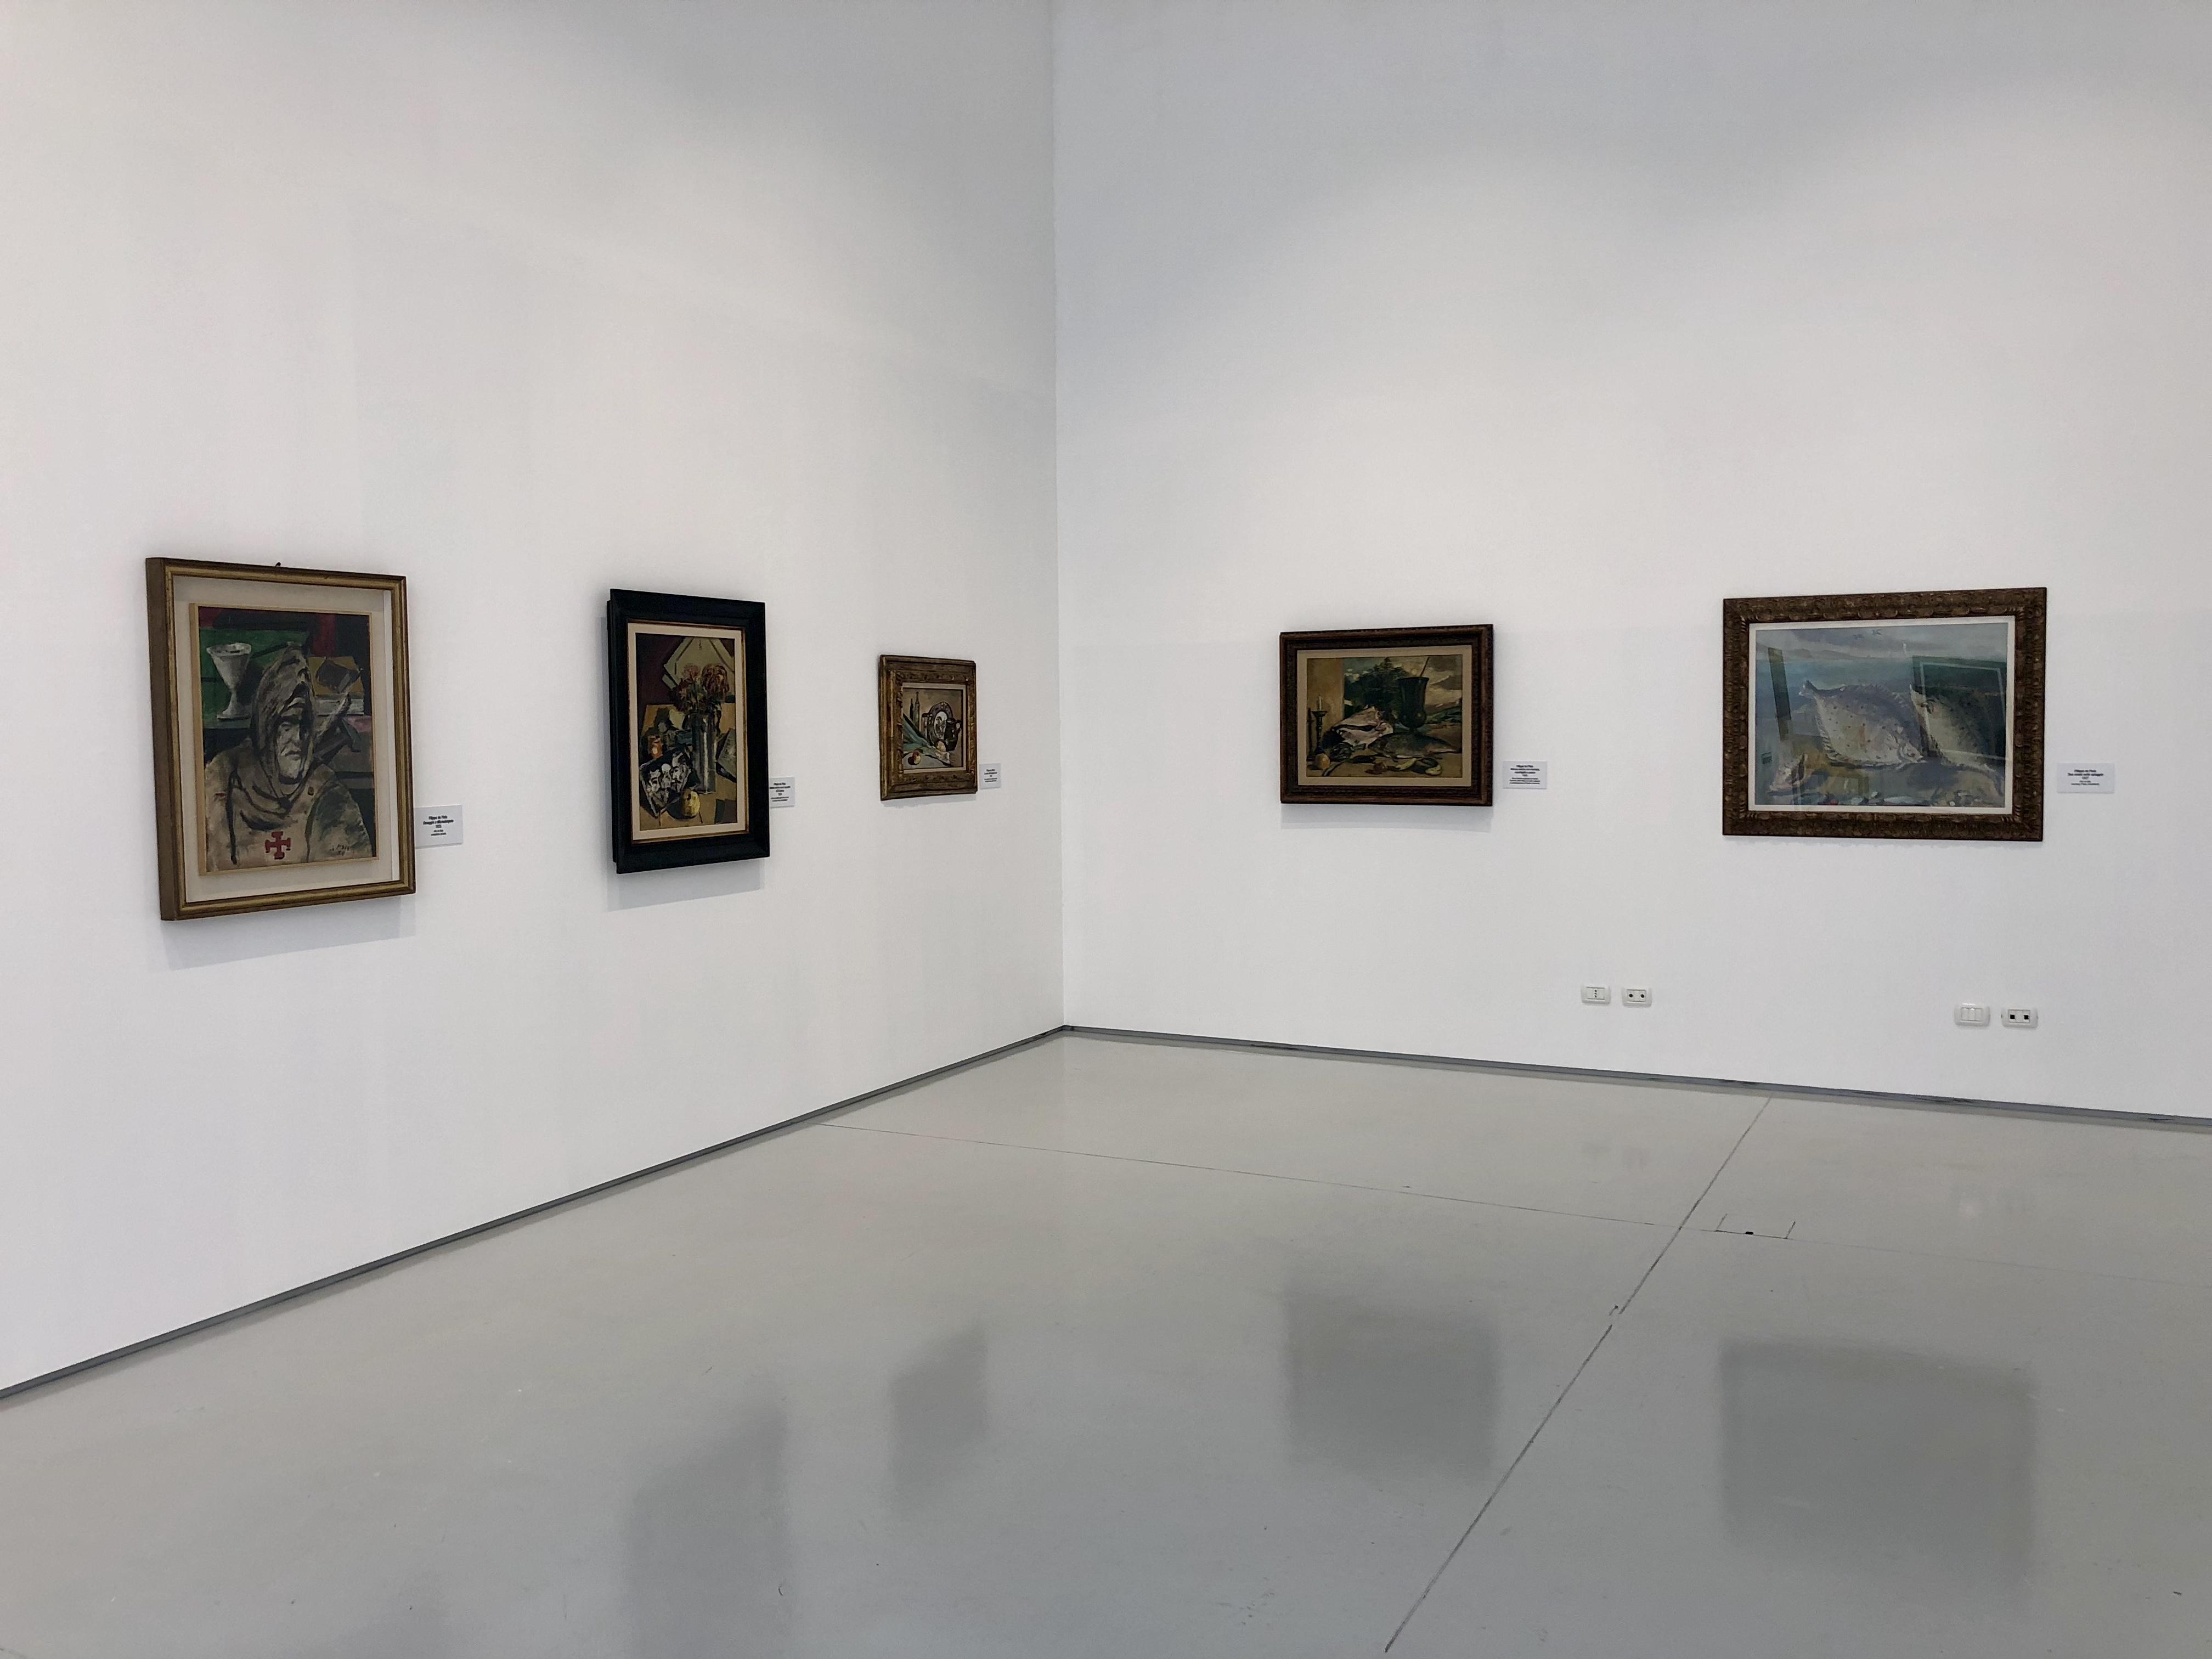 TalentiEventi_Filippo_De_Pisis_Eclettico_connoisseur_fra pittura_ musica_e_poesia_Museo_Ettore_Fico_25